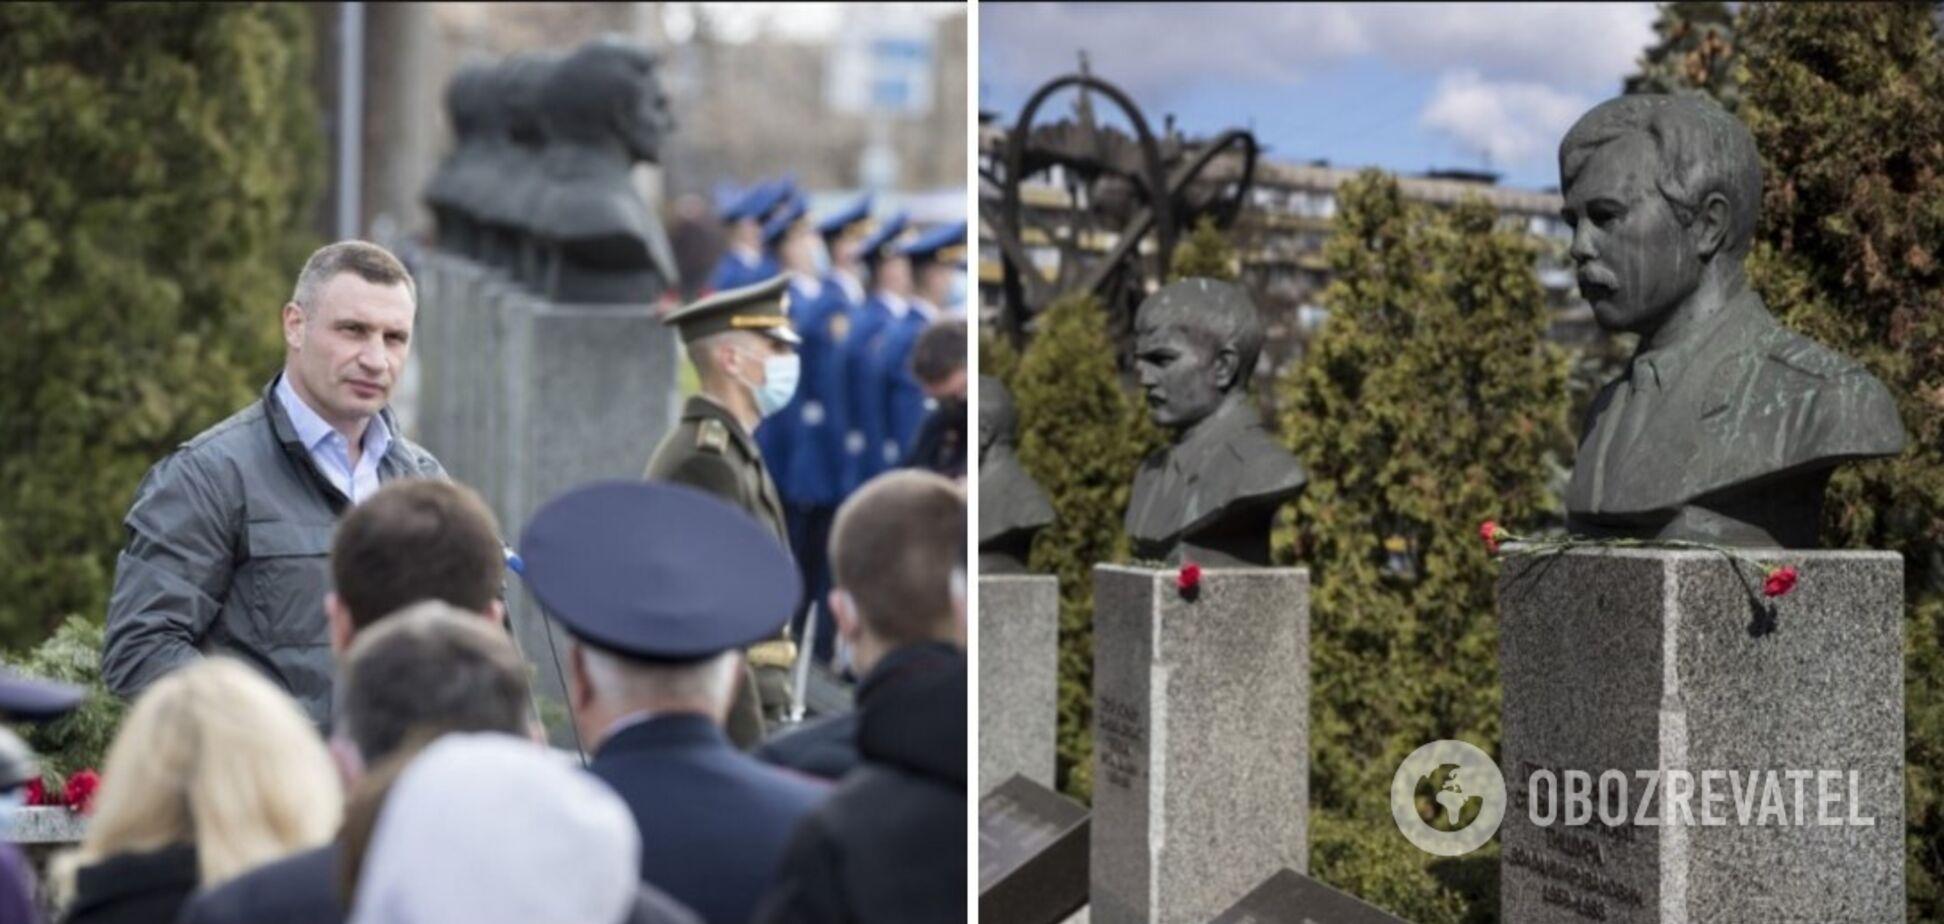 Кличко принял участие в церемонии возложения цветов к мемориалу 'Памятник жертвам Чернобыльской катастрофы'